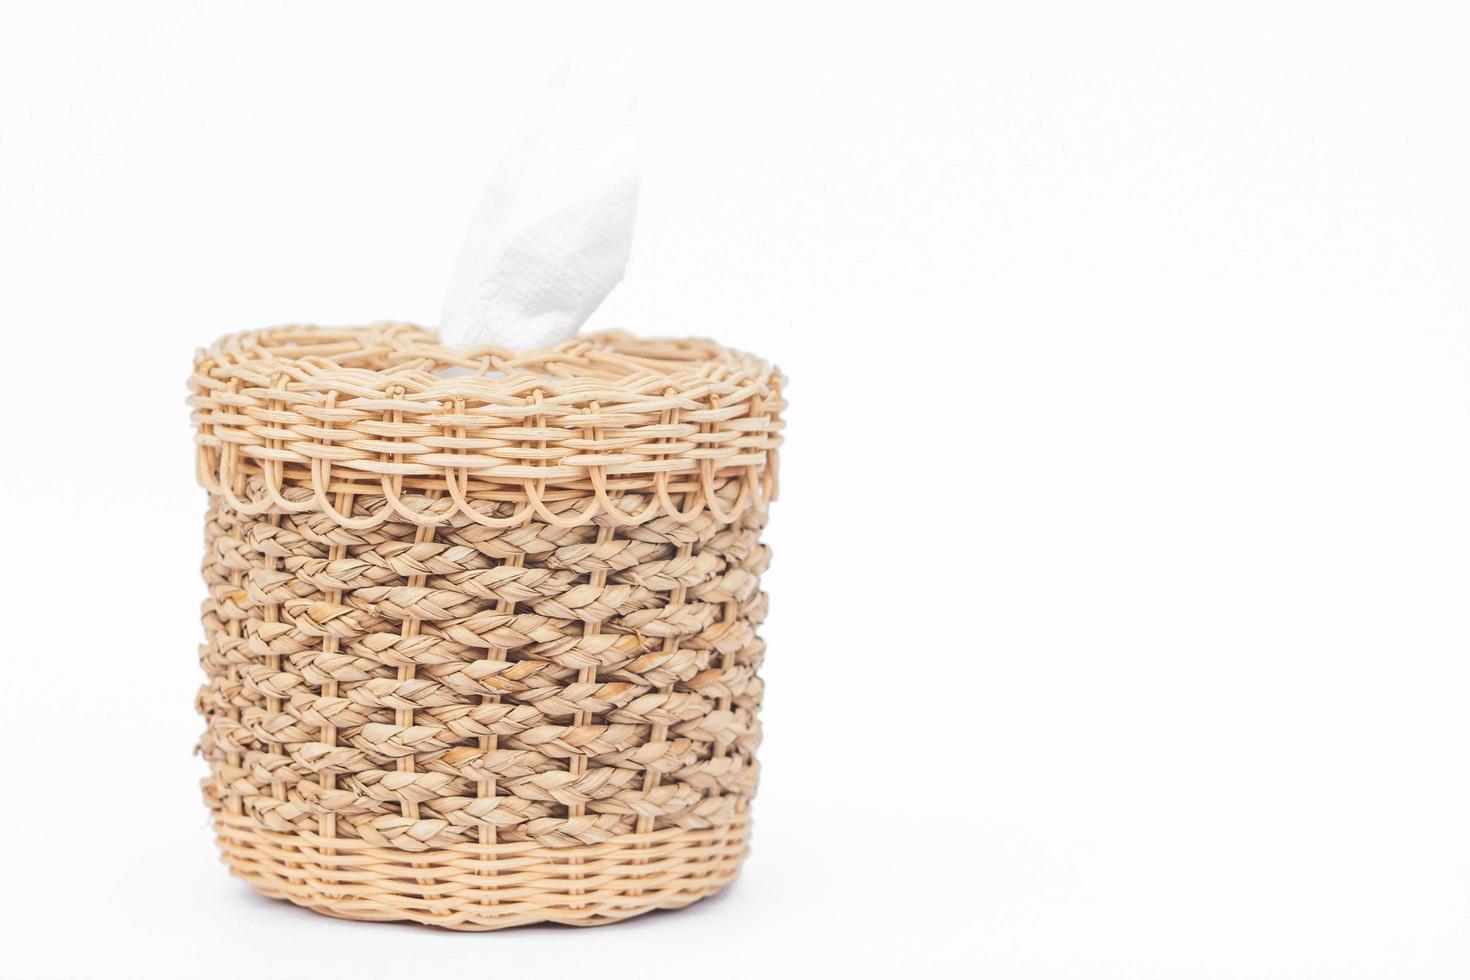 Caja de pañuelos tejidos con espacio de copia sobre un fondo blanco. foto